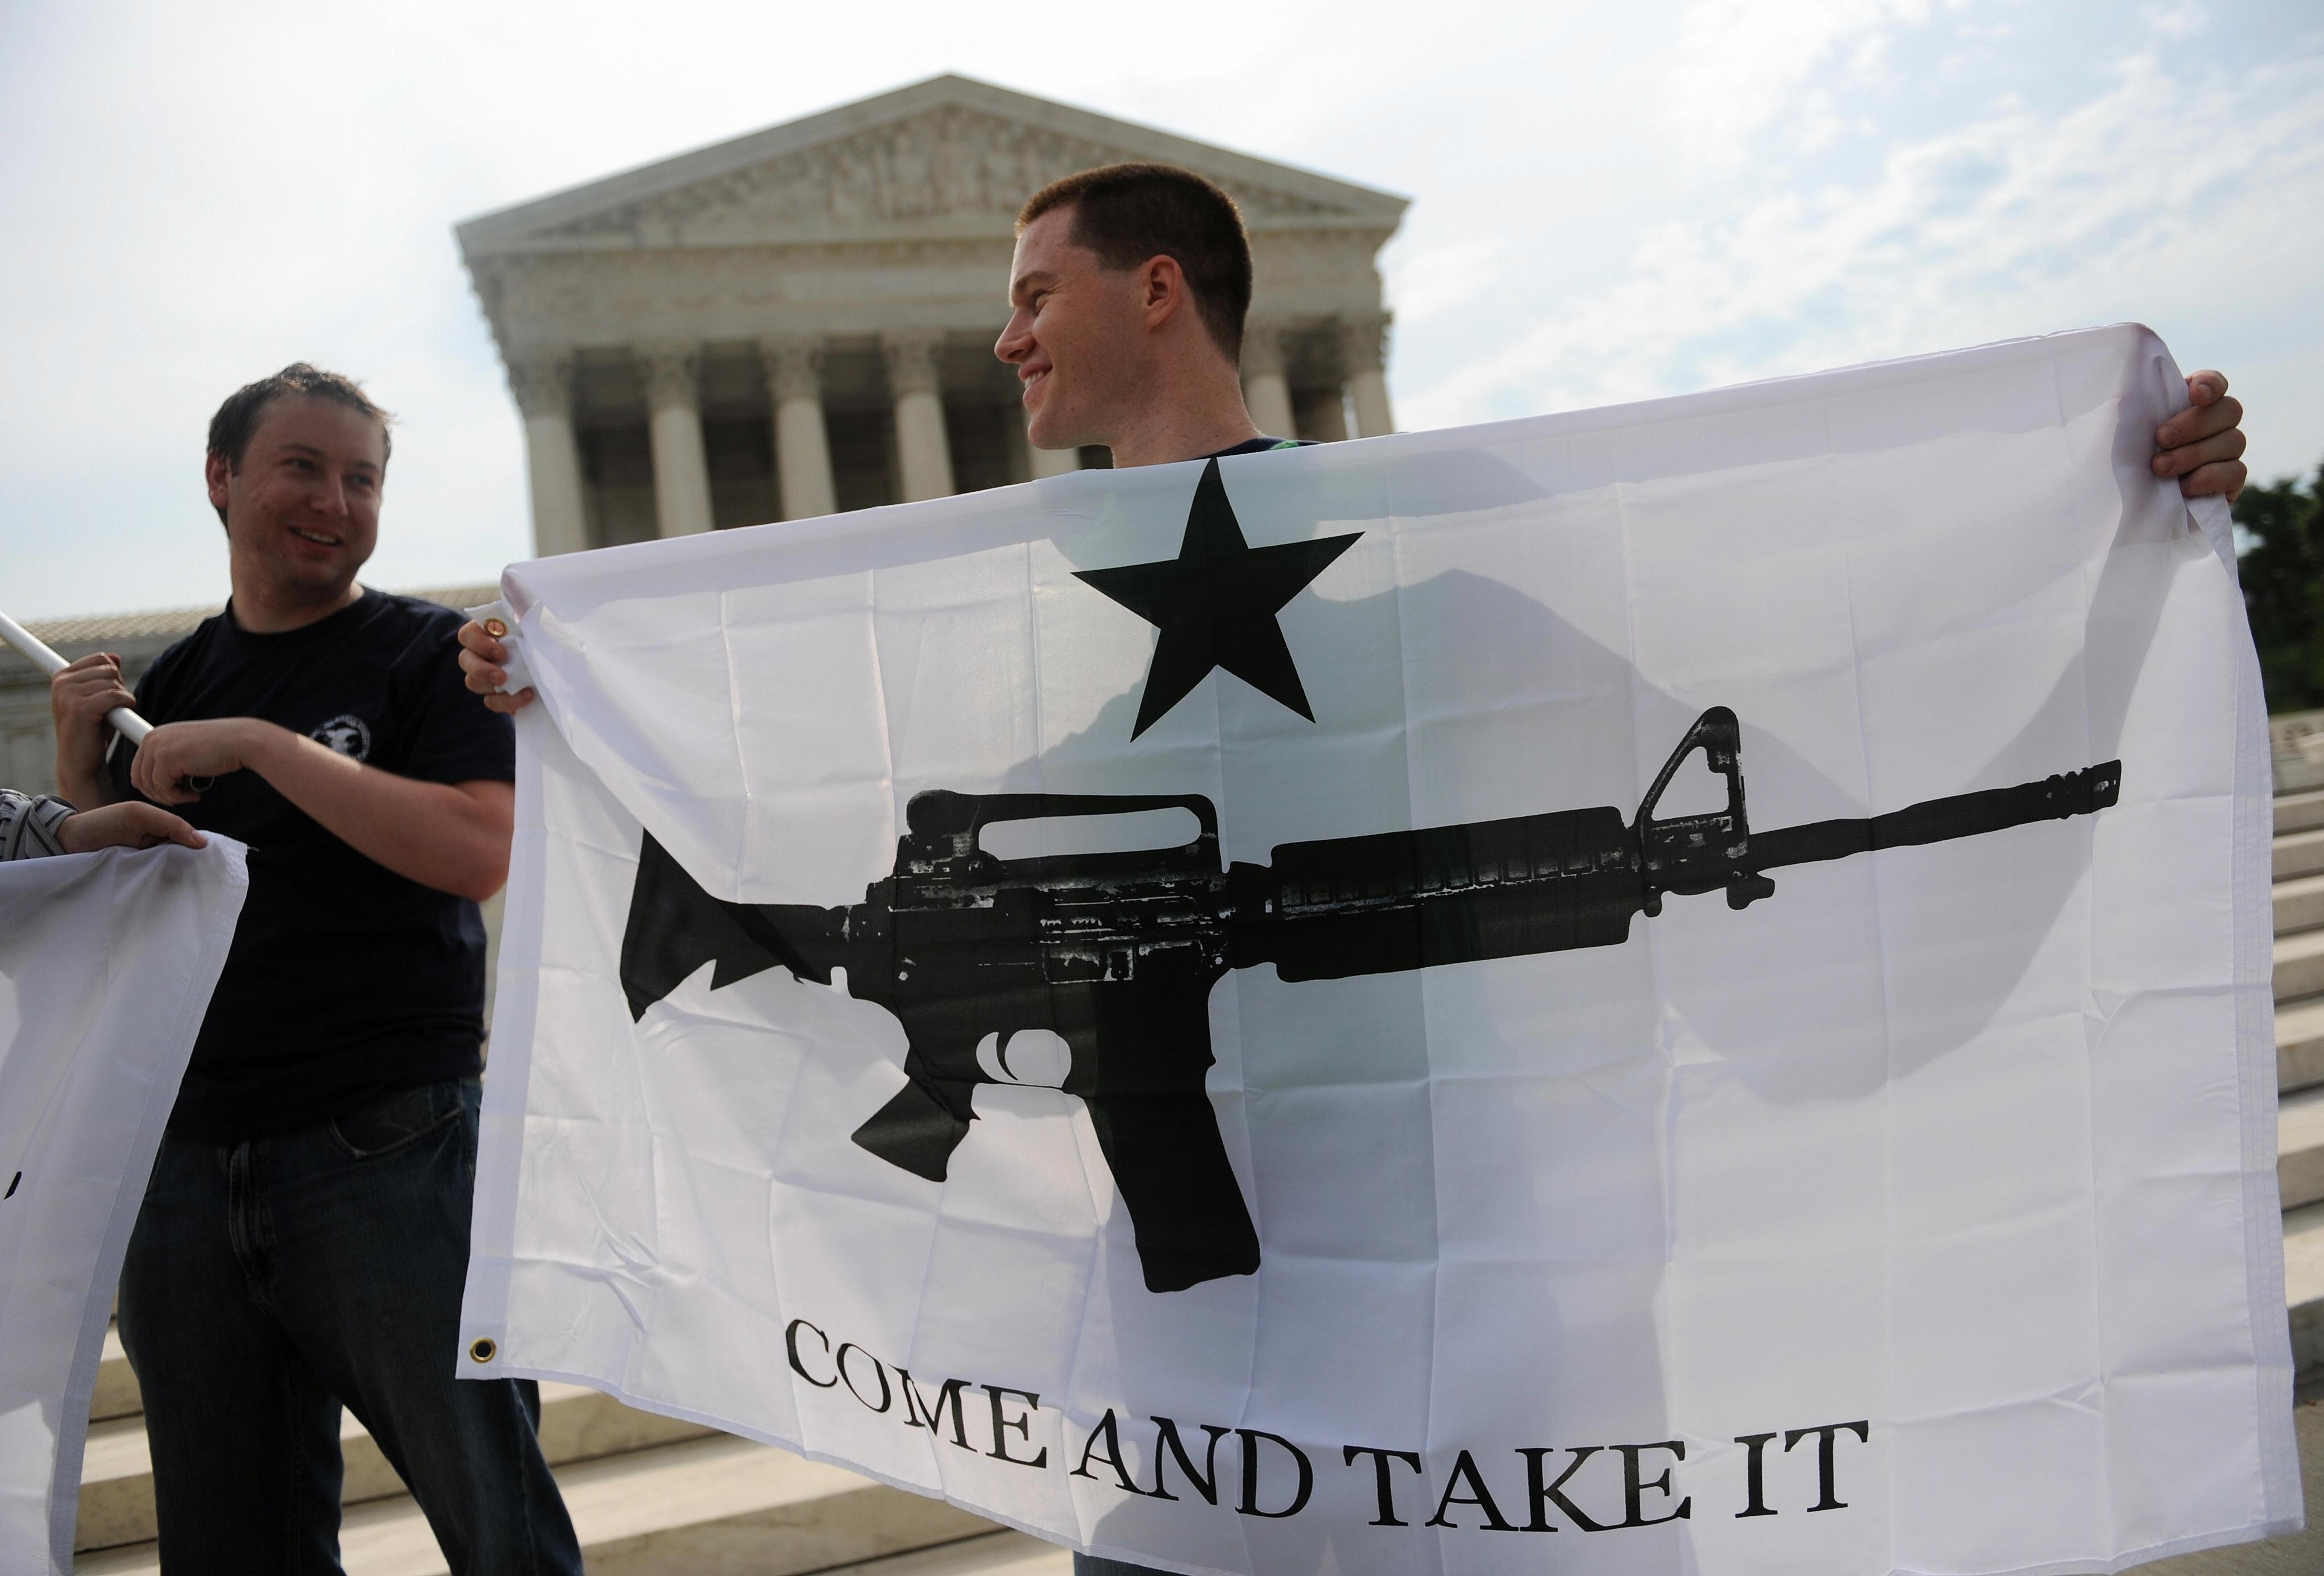 Gun rights activists celebrate the Supreme Court's D.C. v. Heller decision on June 26, 2008. (Tim Sloan/AFP/Getty Images)